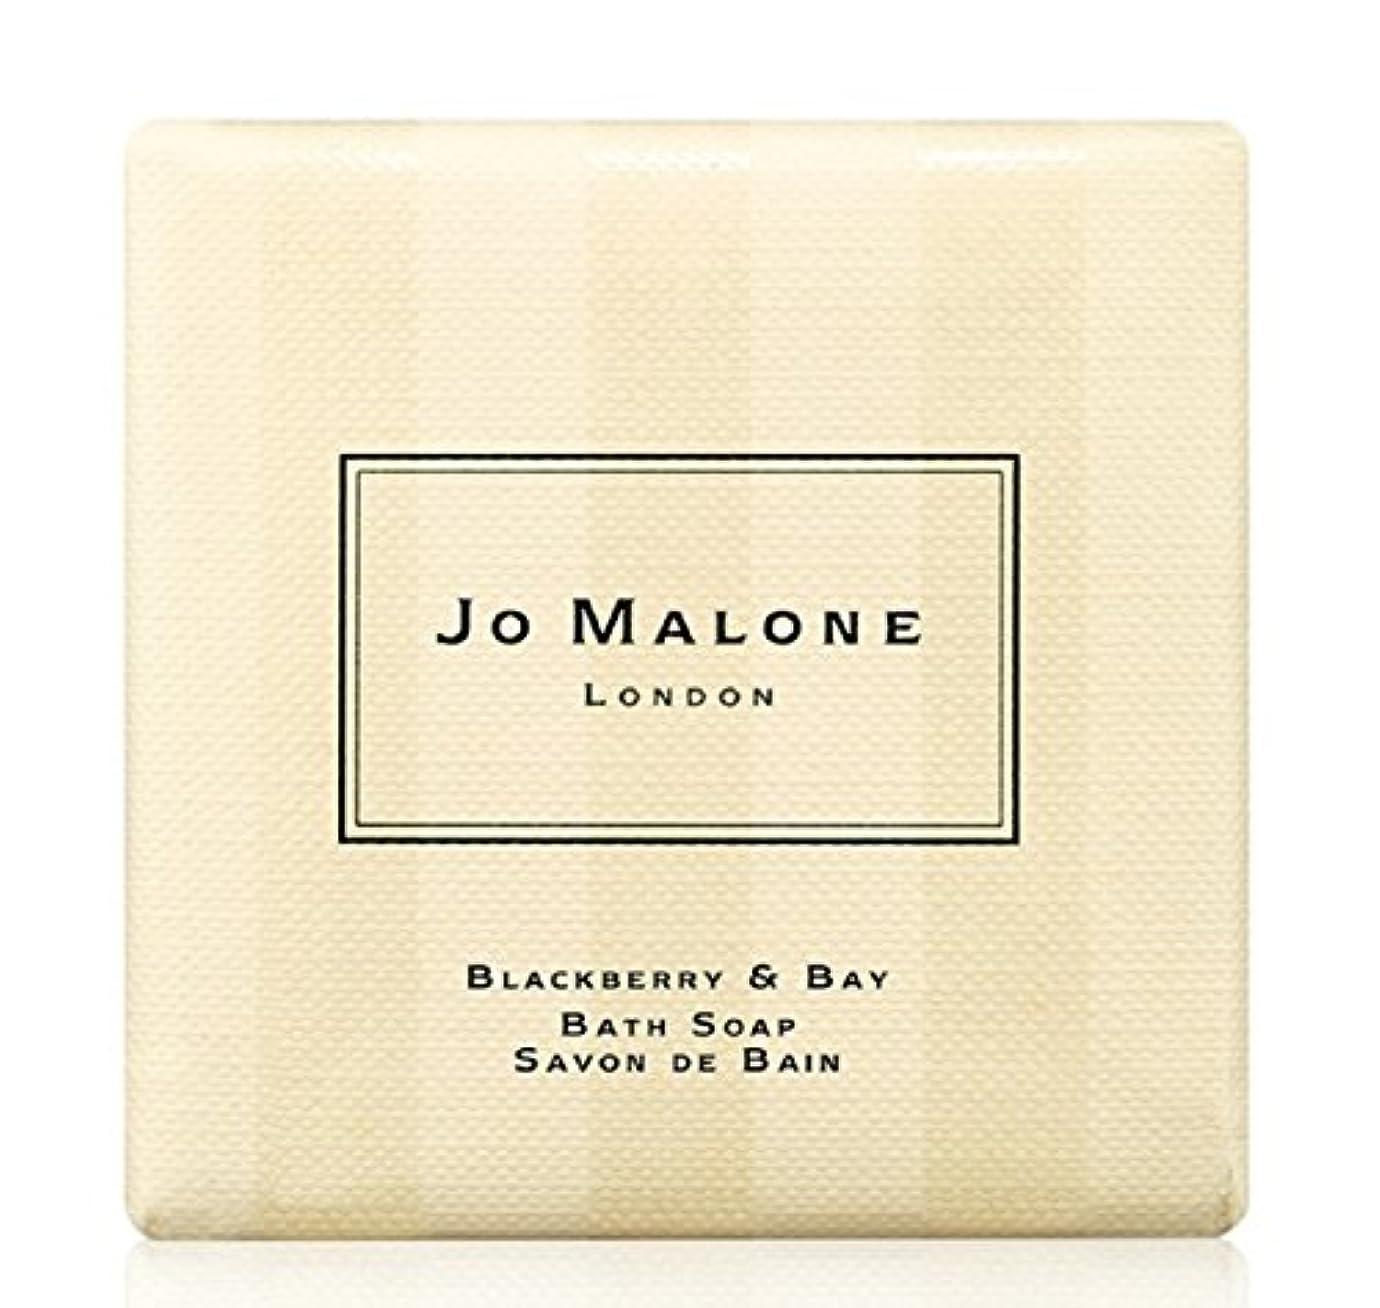 等しい情熱大理石ジョーマローン ブラックベリー&ベイ バス ソープ 石鹸 100 g